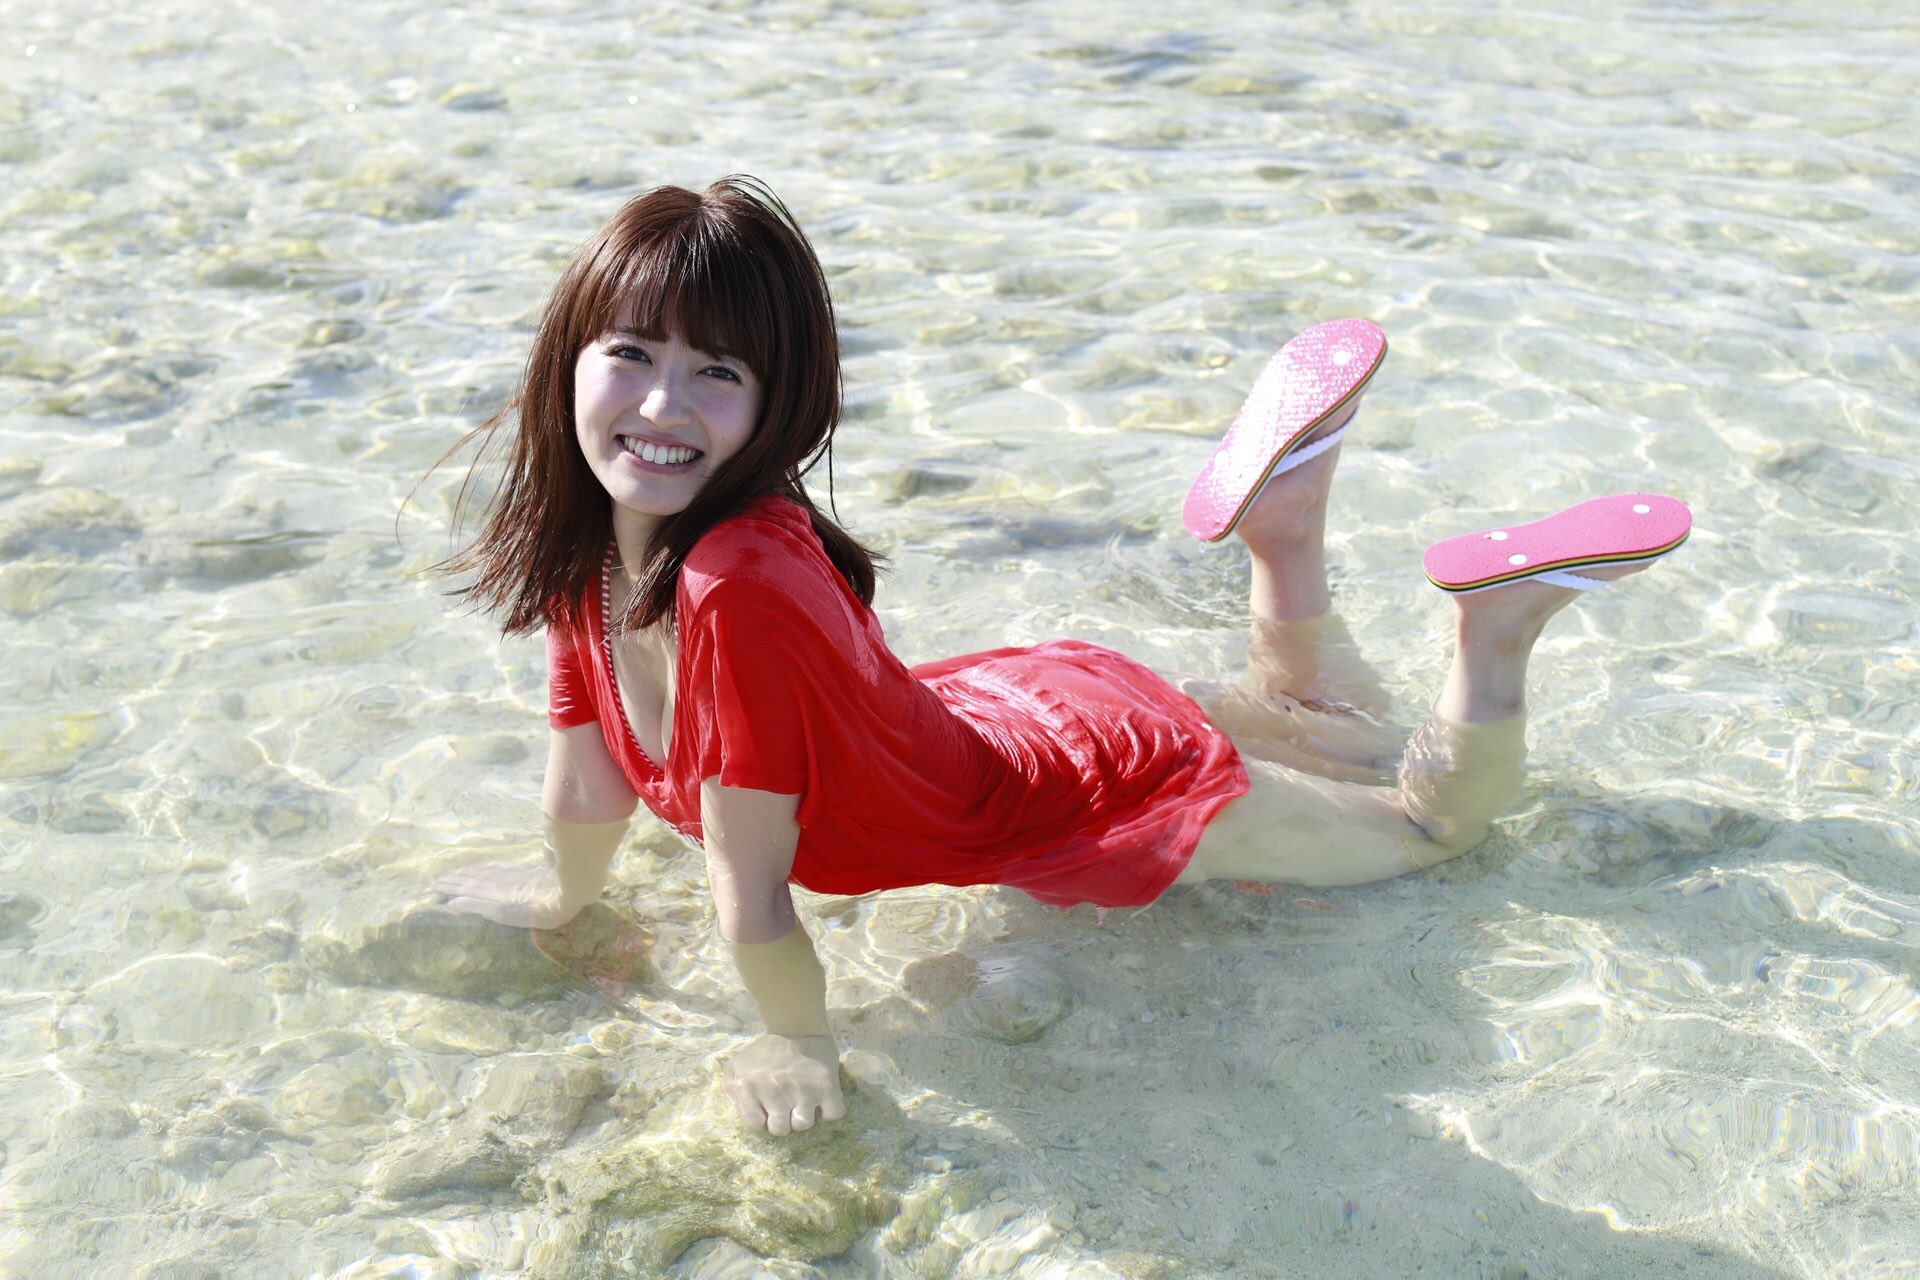 海につかる逢田梨香子